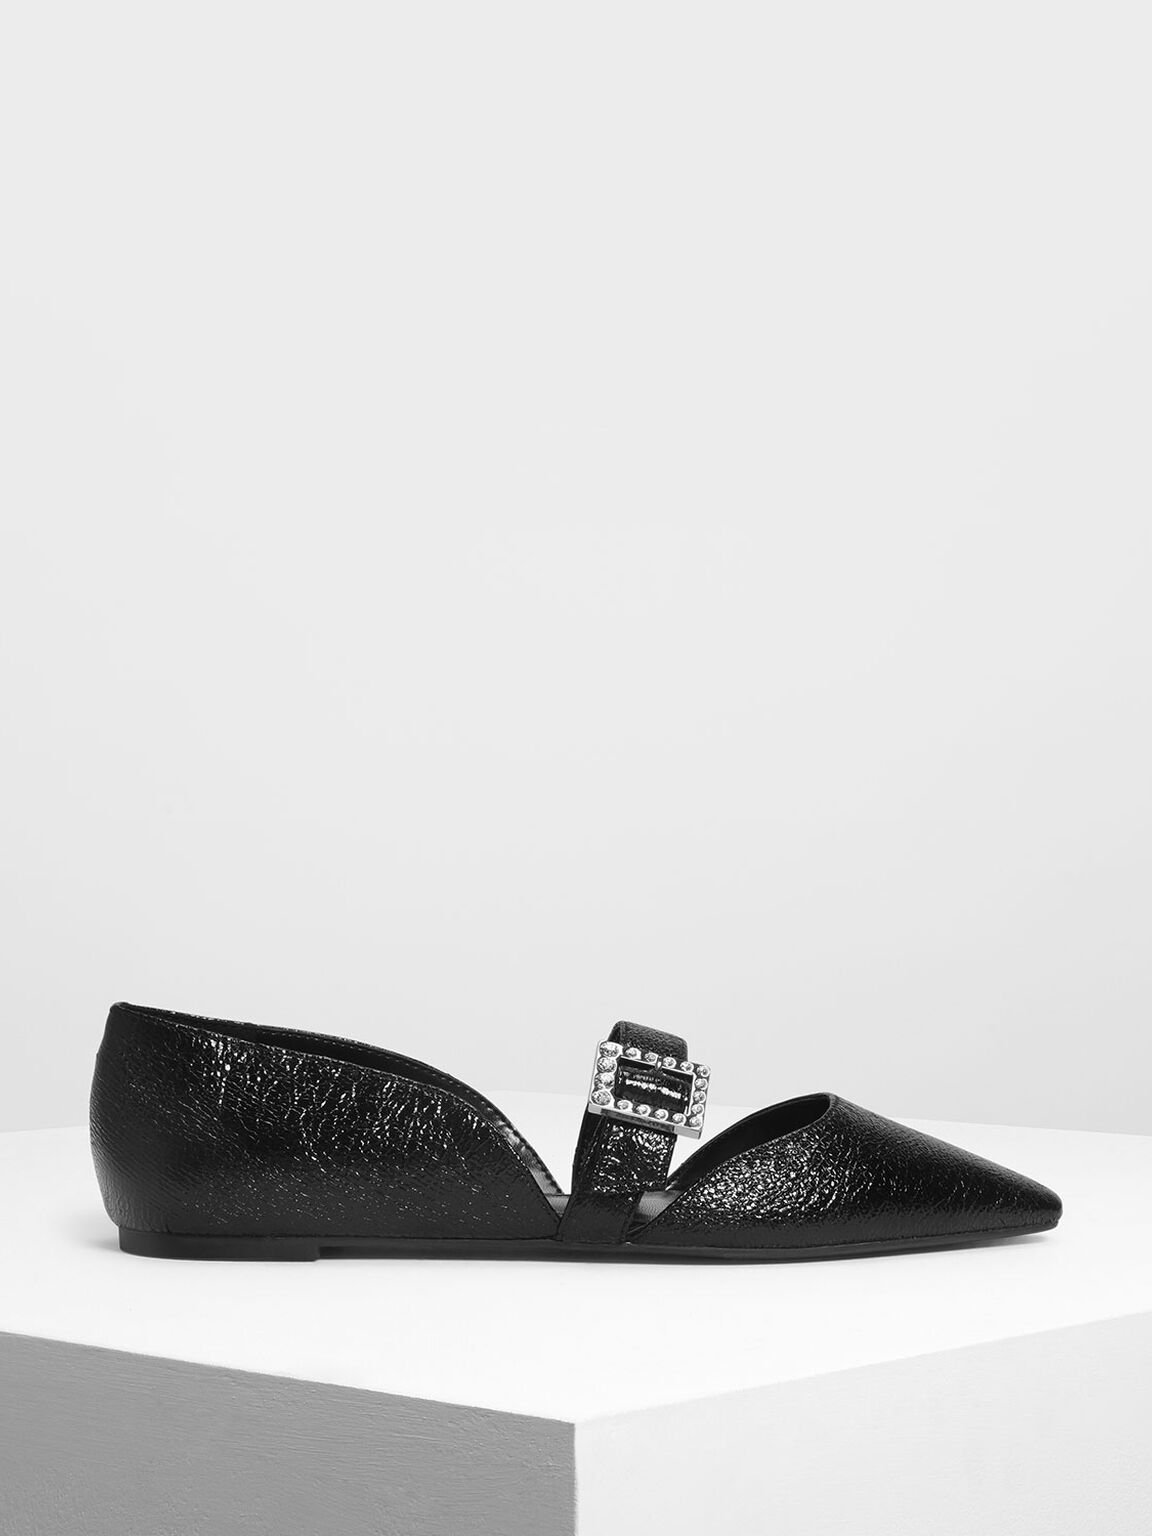 Crystal Embellished Buckle Mary Jane Flats, Black, hi-res